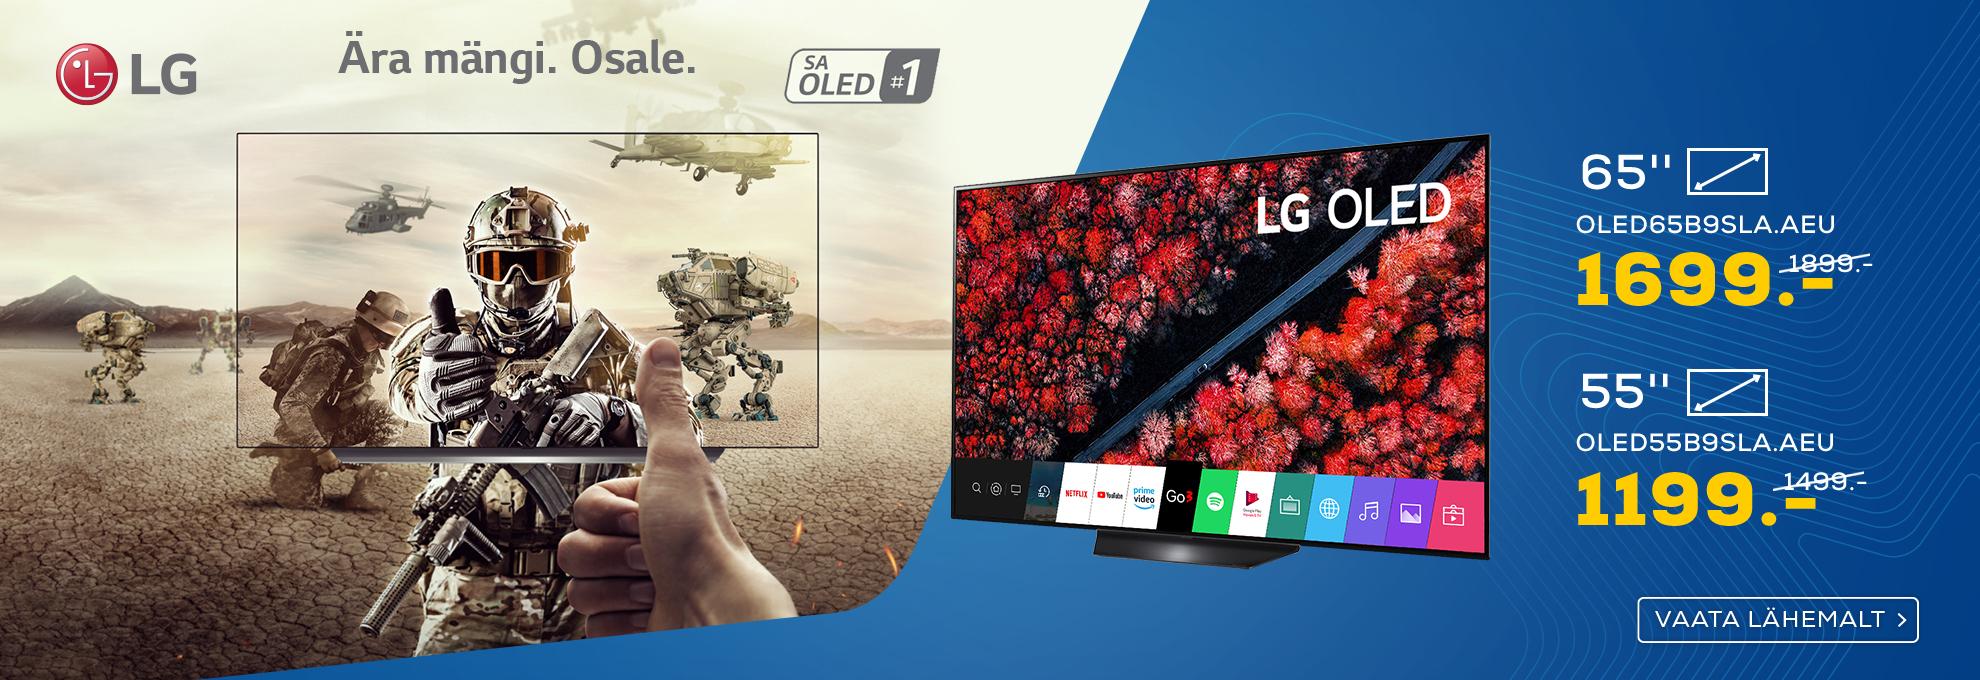 LG OLED telerid juunis